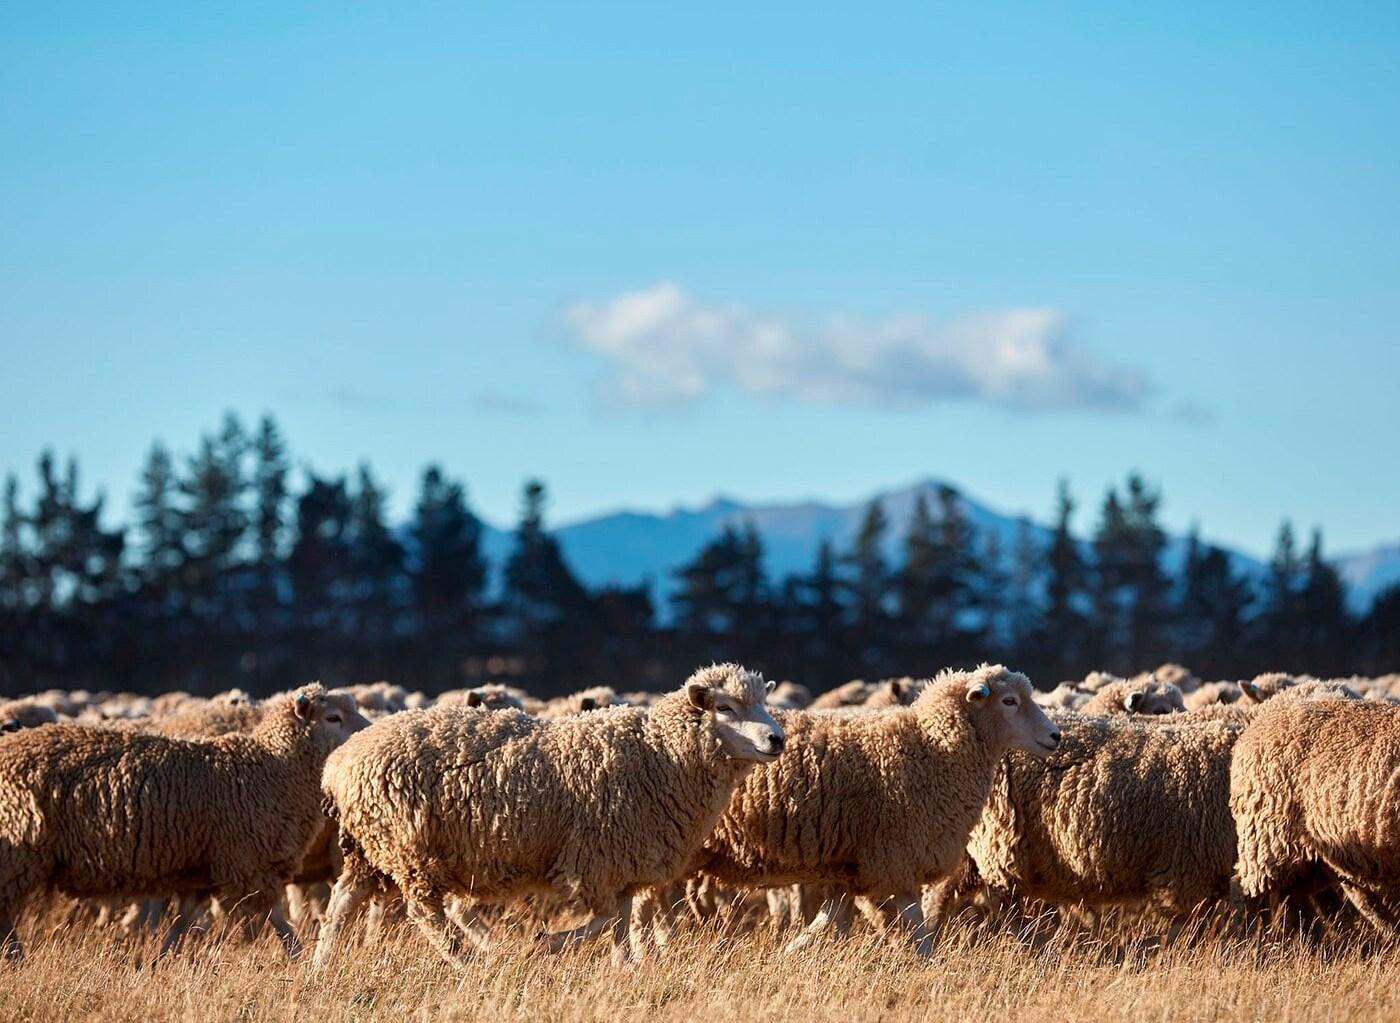 Des centaines de moutons dans un pré au soleil, avec des arbres et des montagnes en arrière-plan.